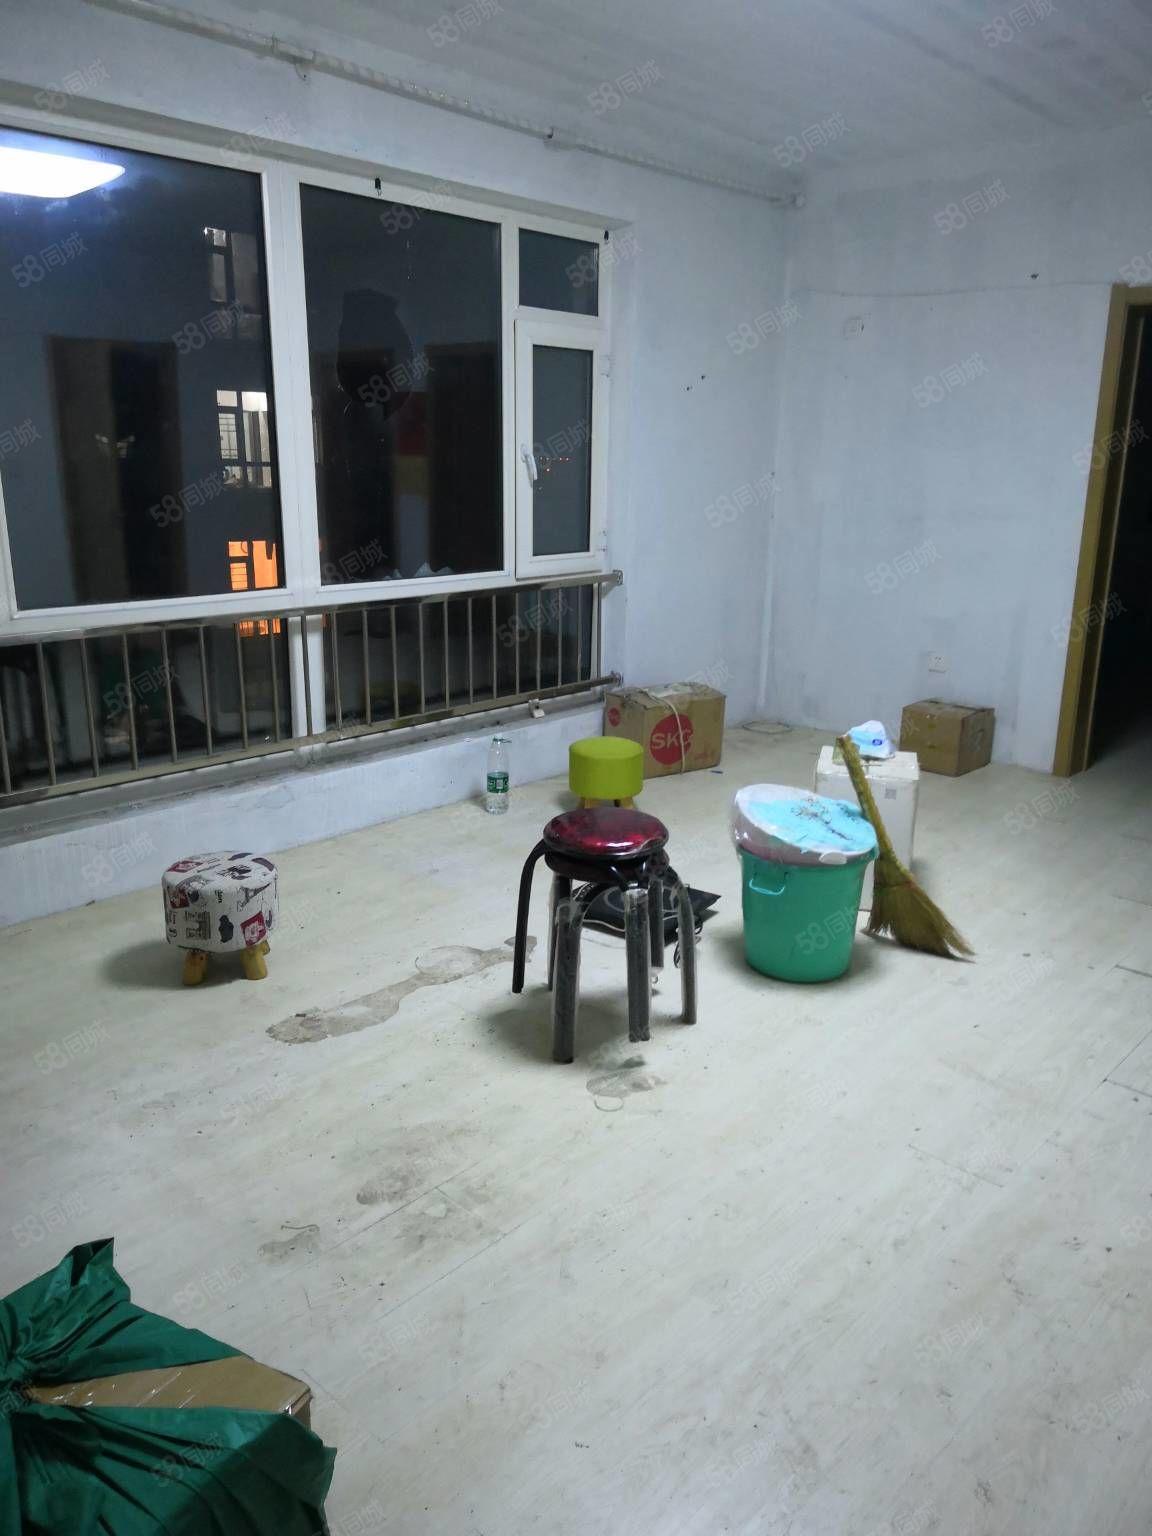 三室一厅有床热水器简单装修凤凰城E区高层